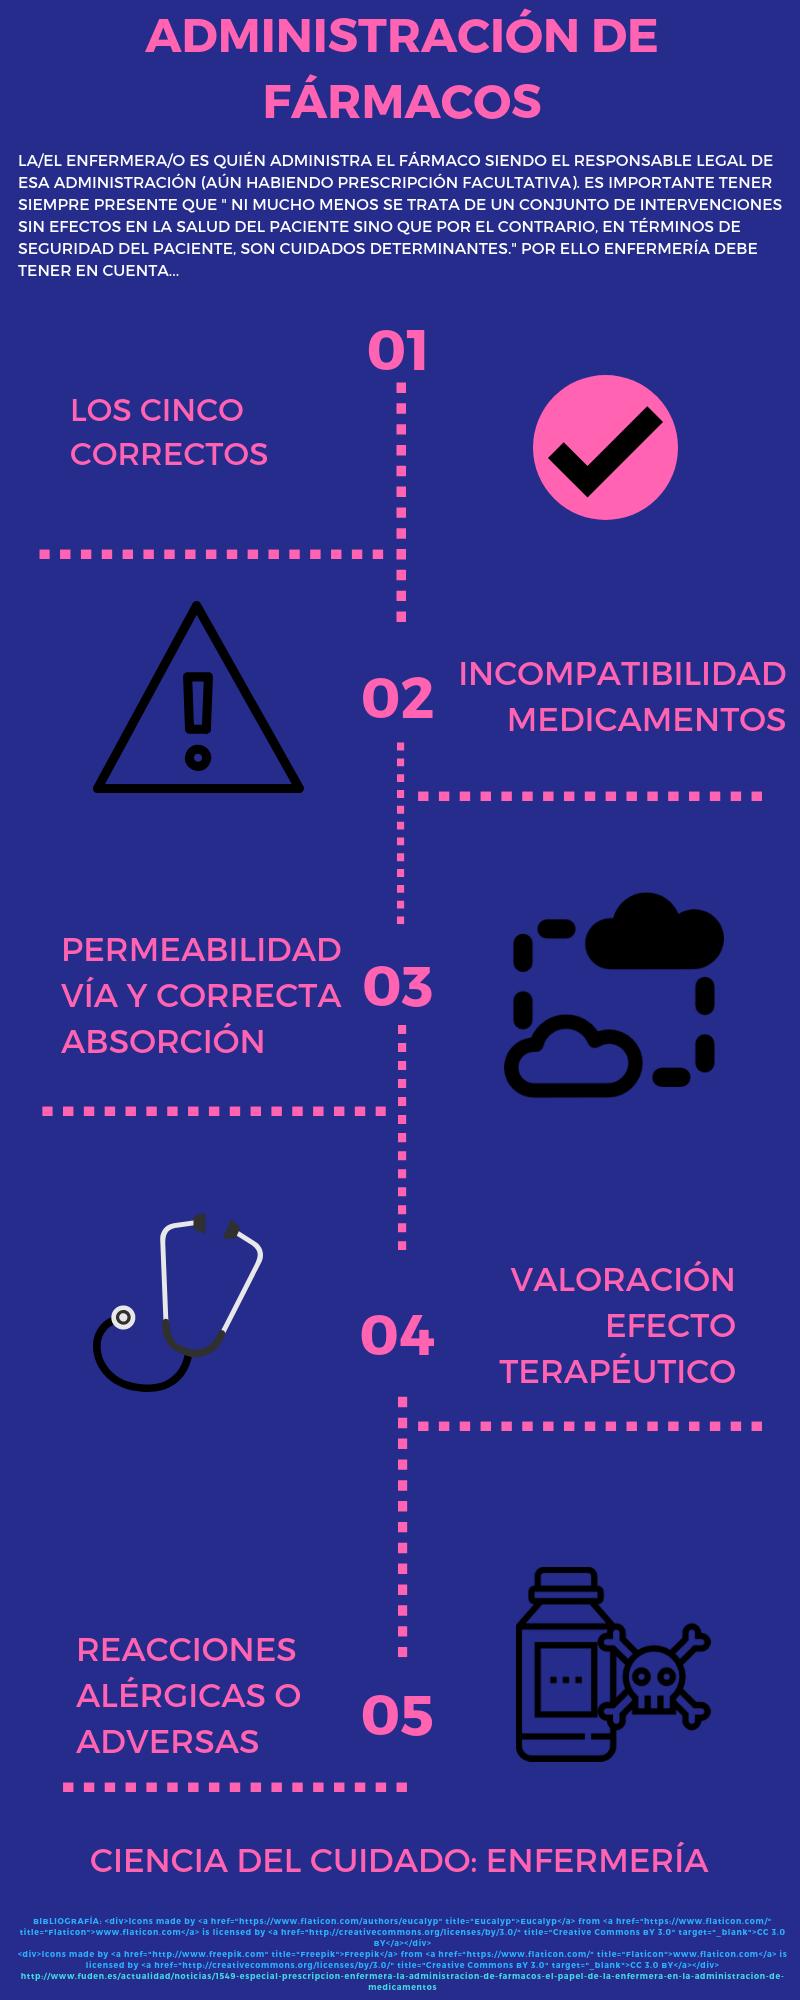 ADMINISTRACIÓN DE FÁRMACOS (1)